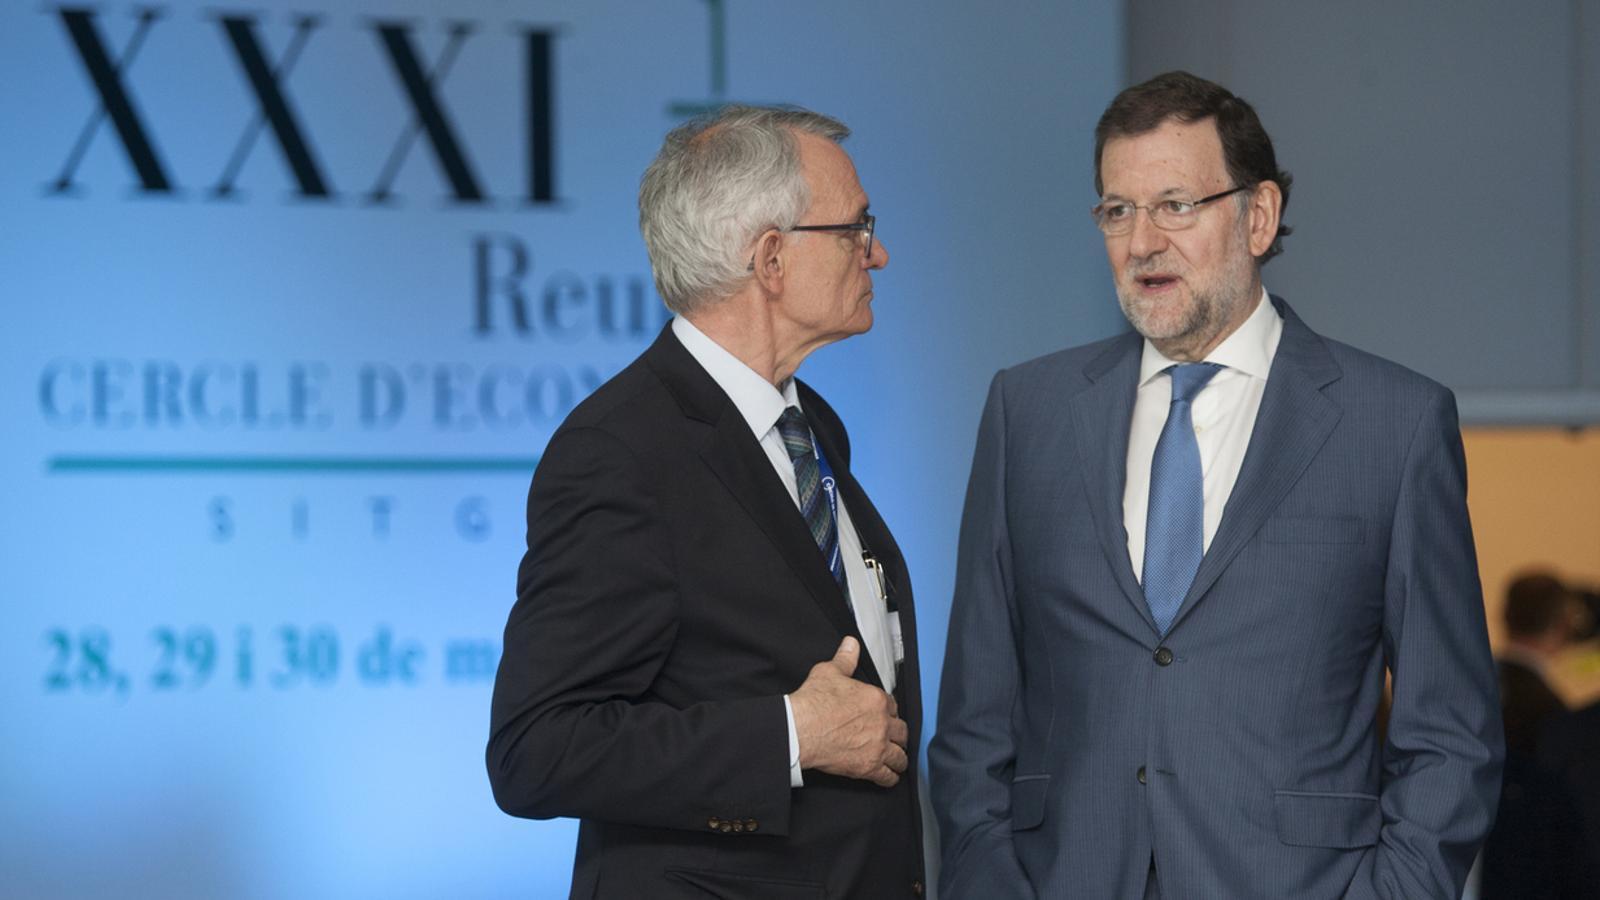 Mariano Rajoy, al costat d'Antón Costas, en la clausura de les jornades del Cercle d'Economia a Sitges / TJERK VAN DER MEULEN